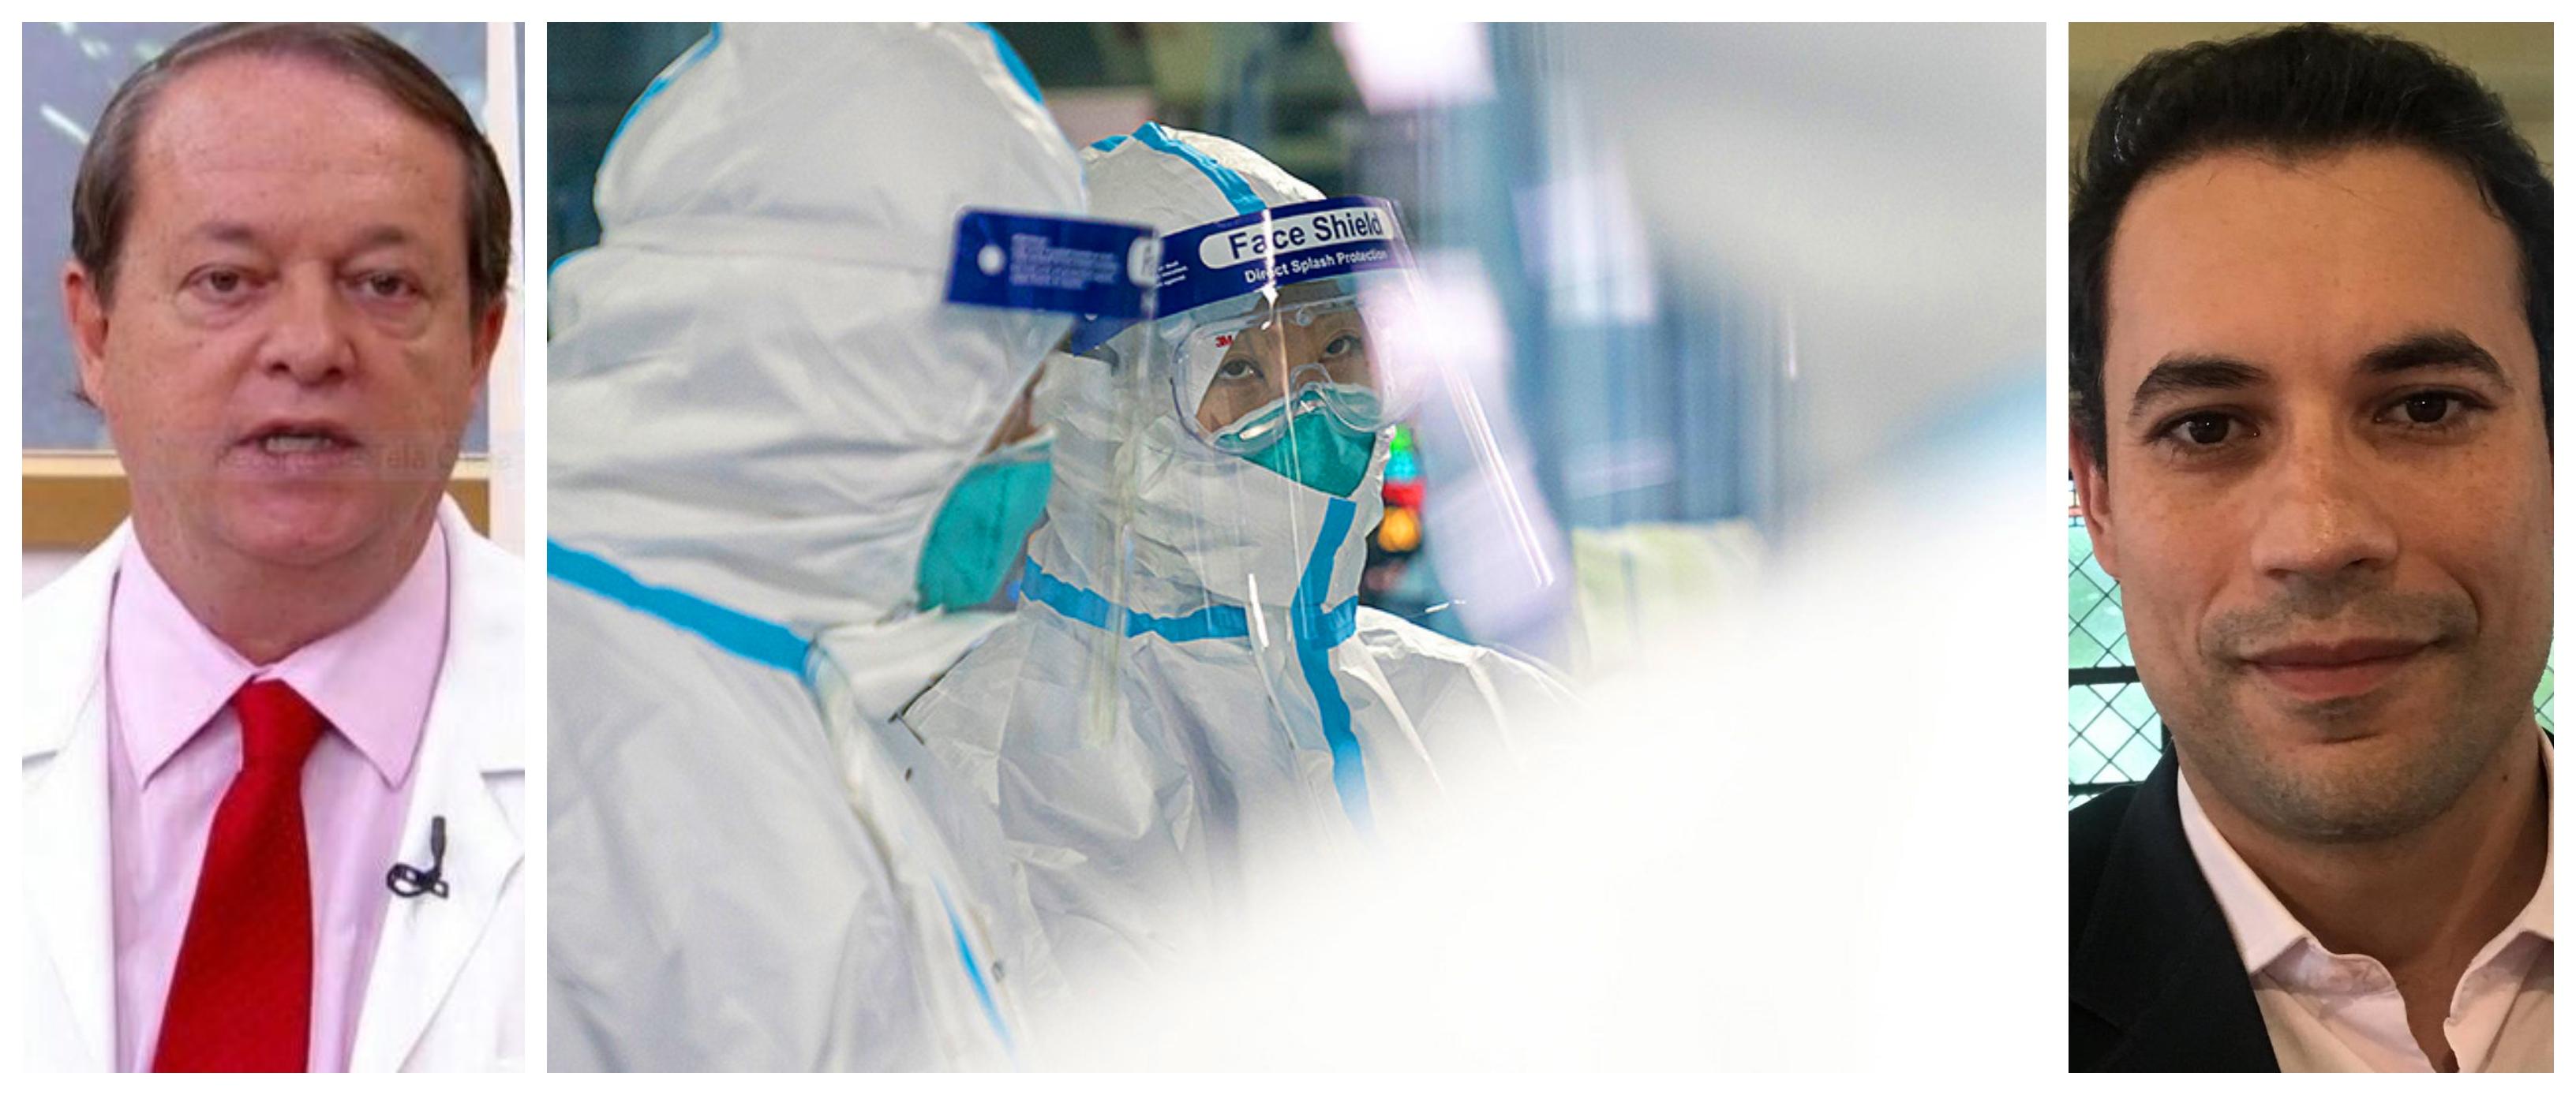 Coronavírus: Médico brasileiro que trabalha na Ásia e colega de hospital universitário afirmam que, no momento, não há motivo para pânico no Brasil